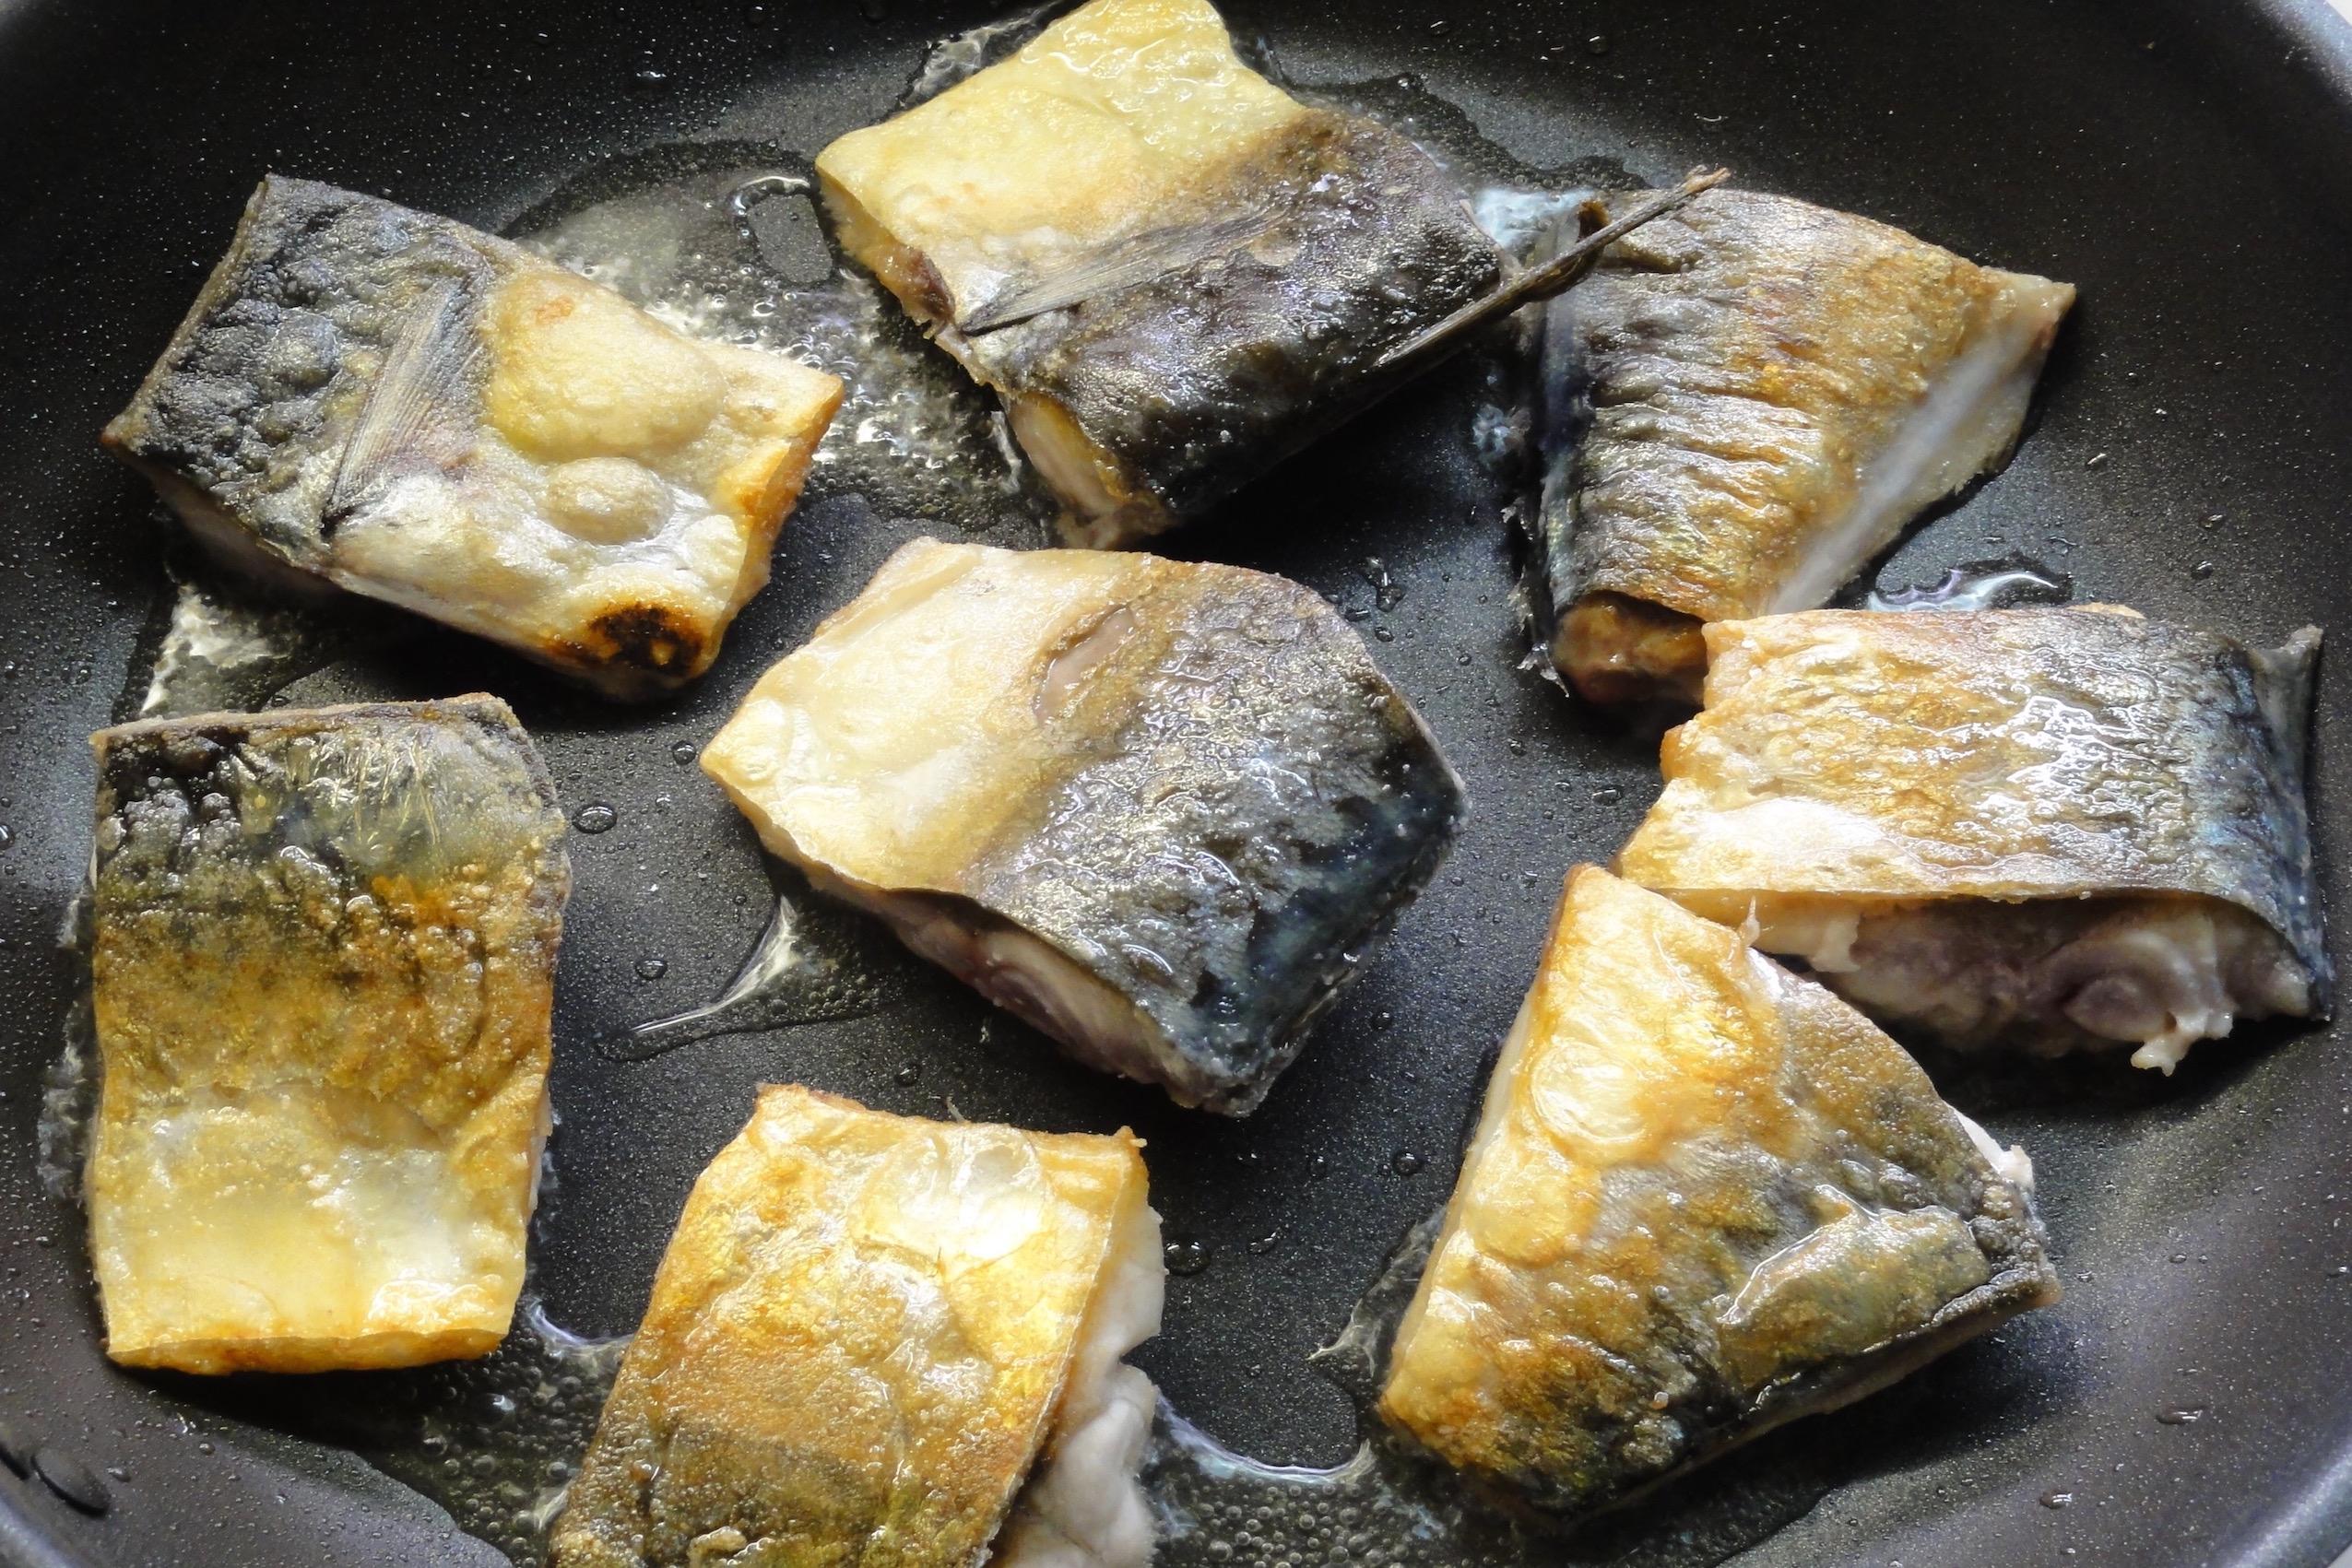 生鯖を揚げ焼きする